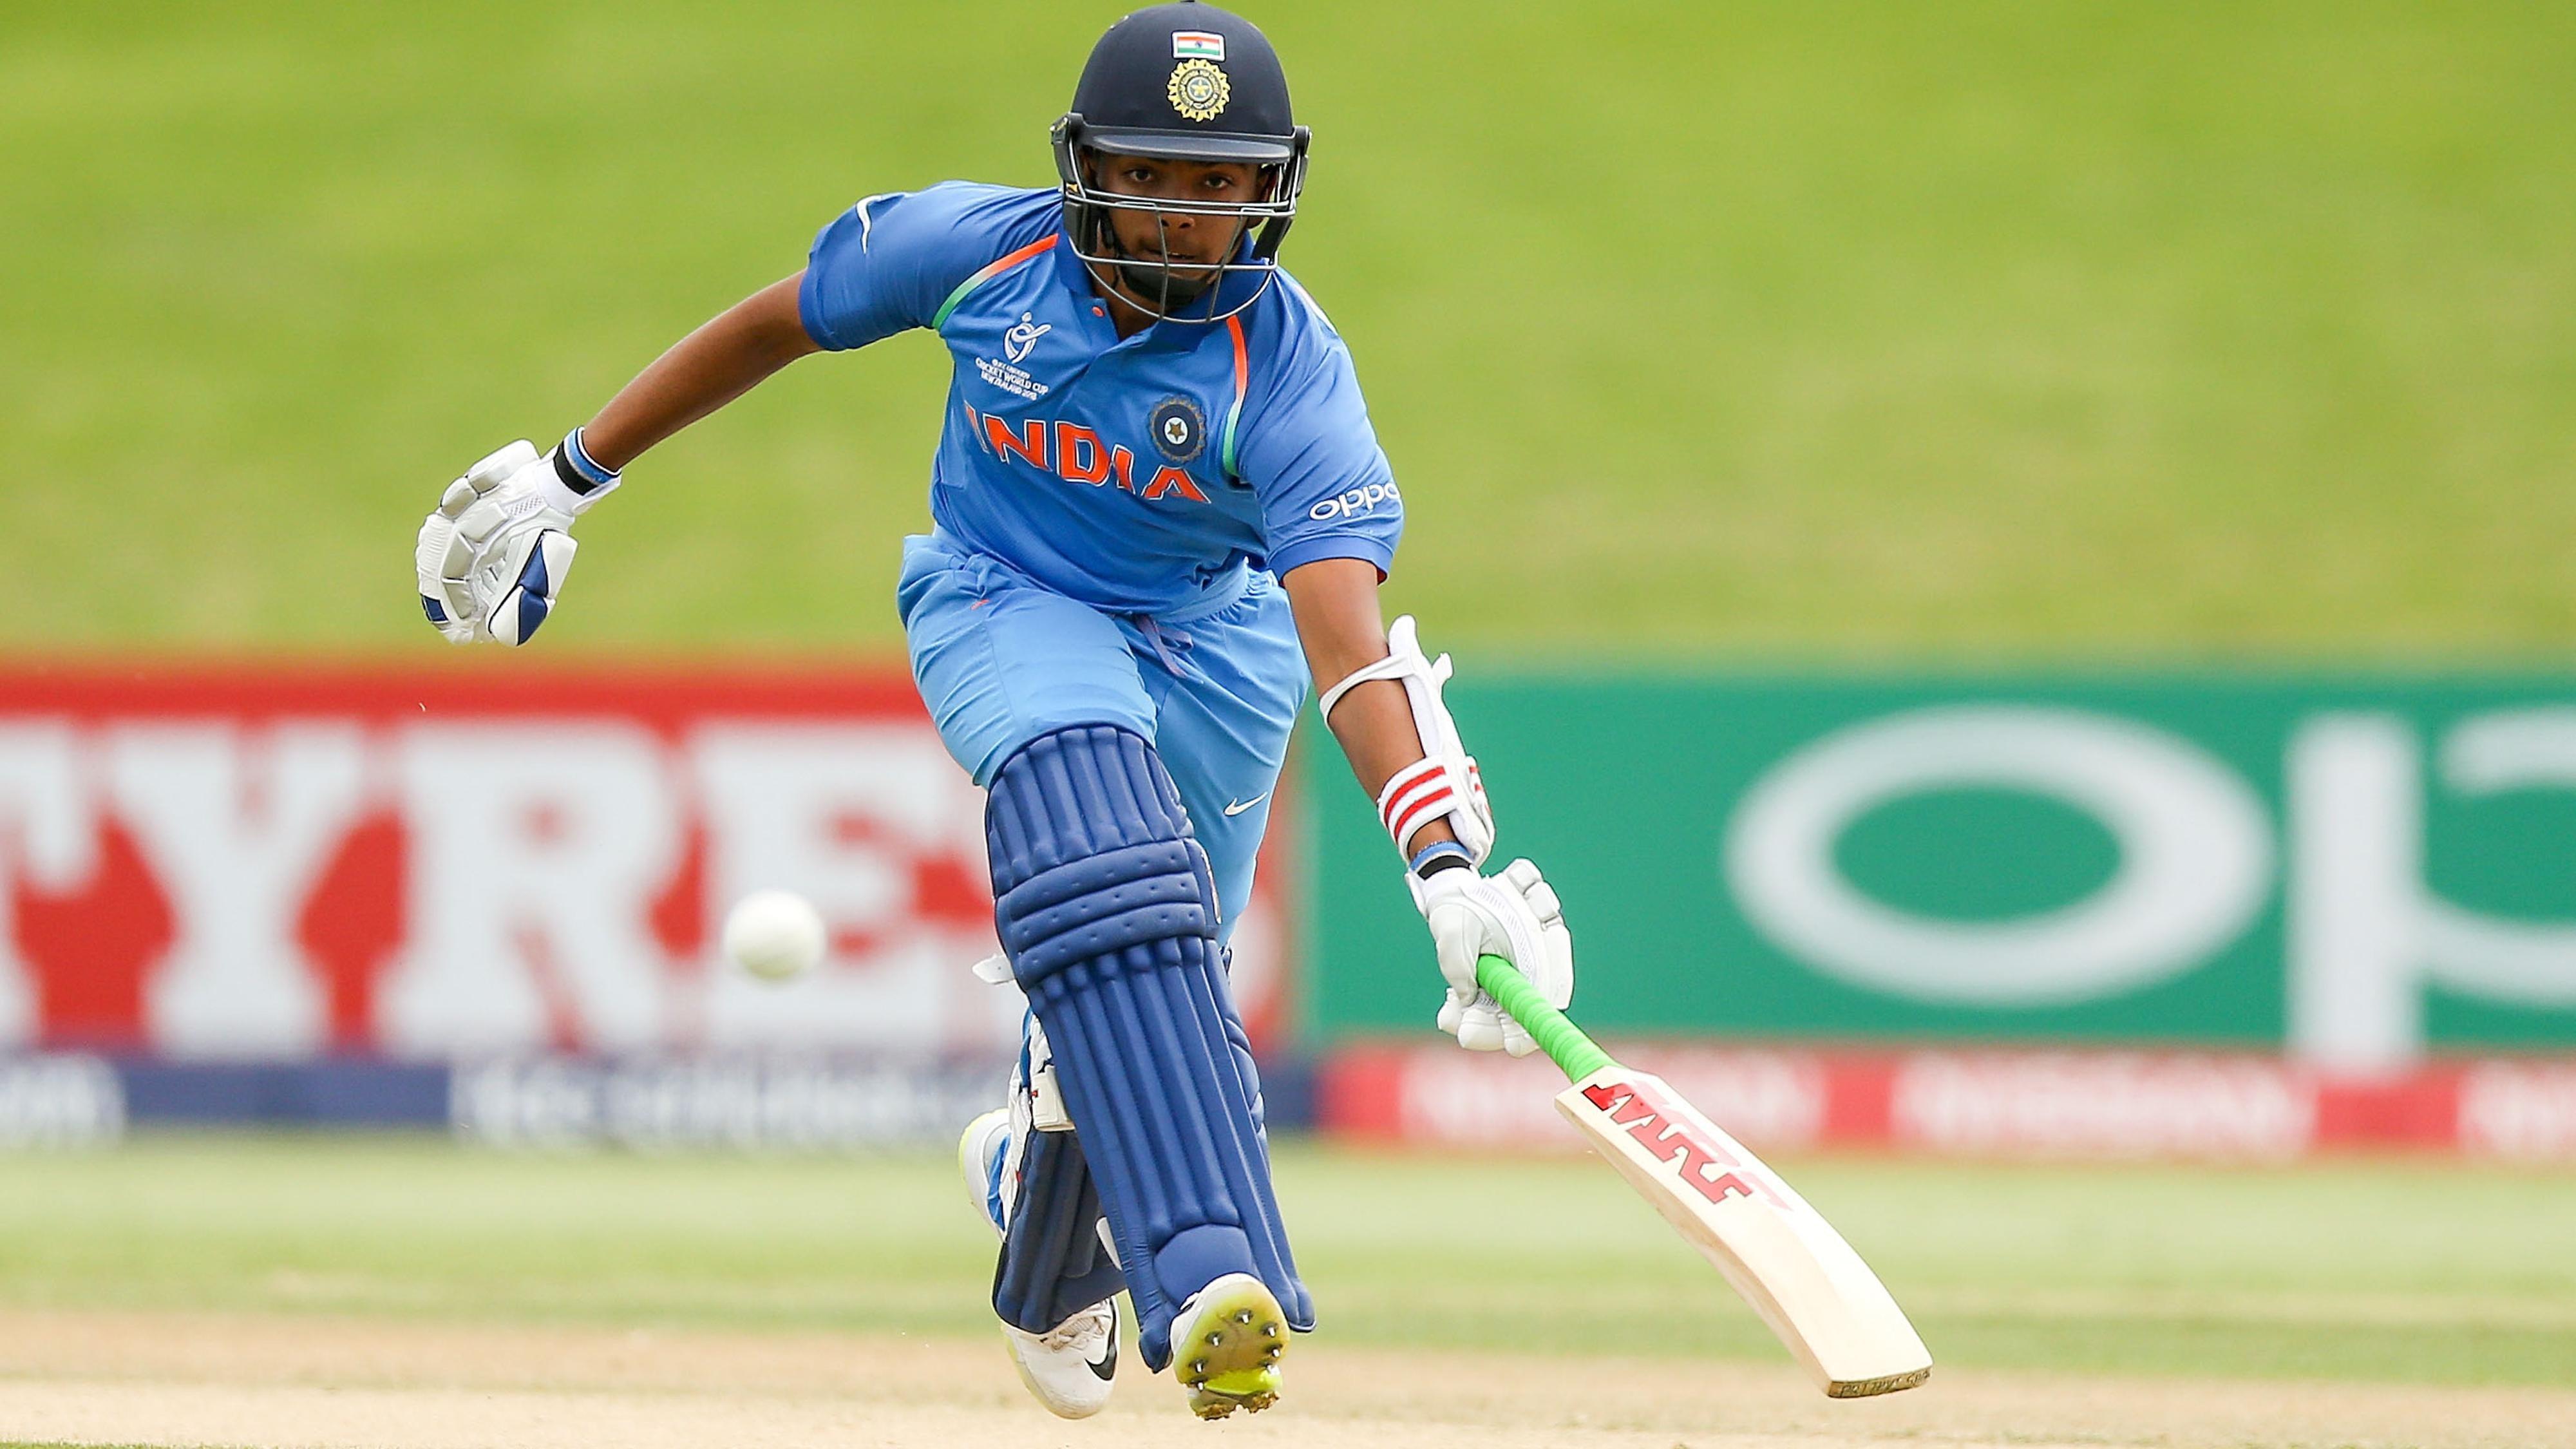 पृथ्वी शॉ से पहले ये 2 दिग्गज भारतीय खिलाड़ी भी वेस्टइंडीज के खिलाफ कर चुके हैं अपना डेब्यू 34